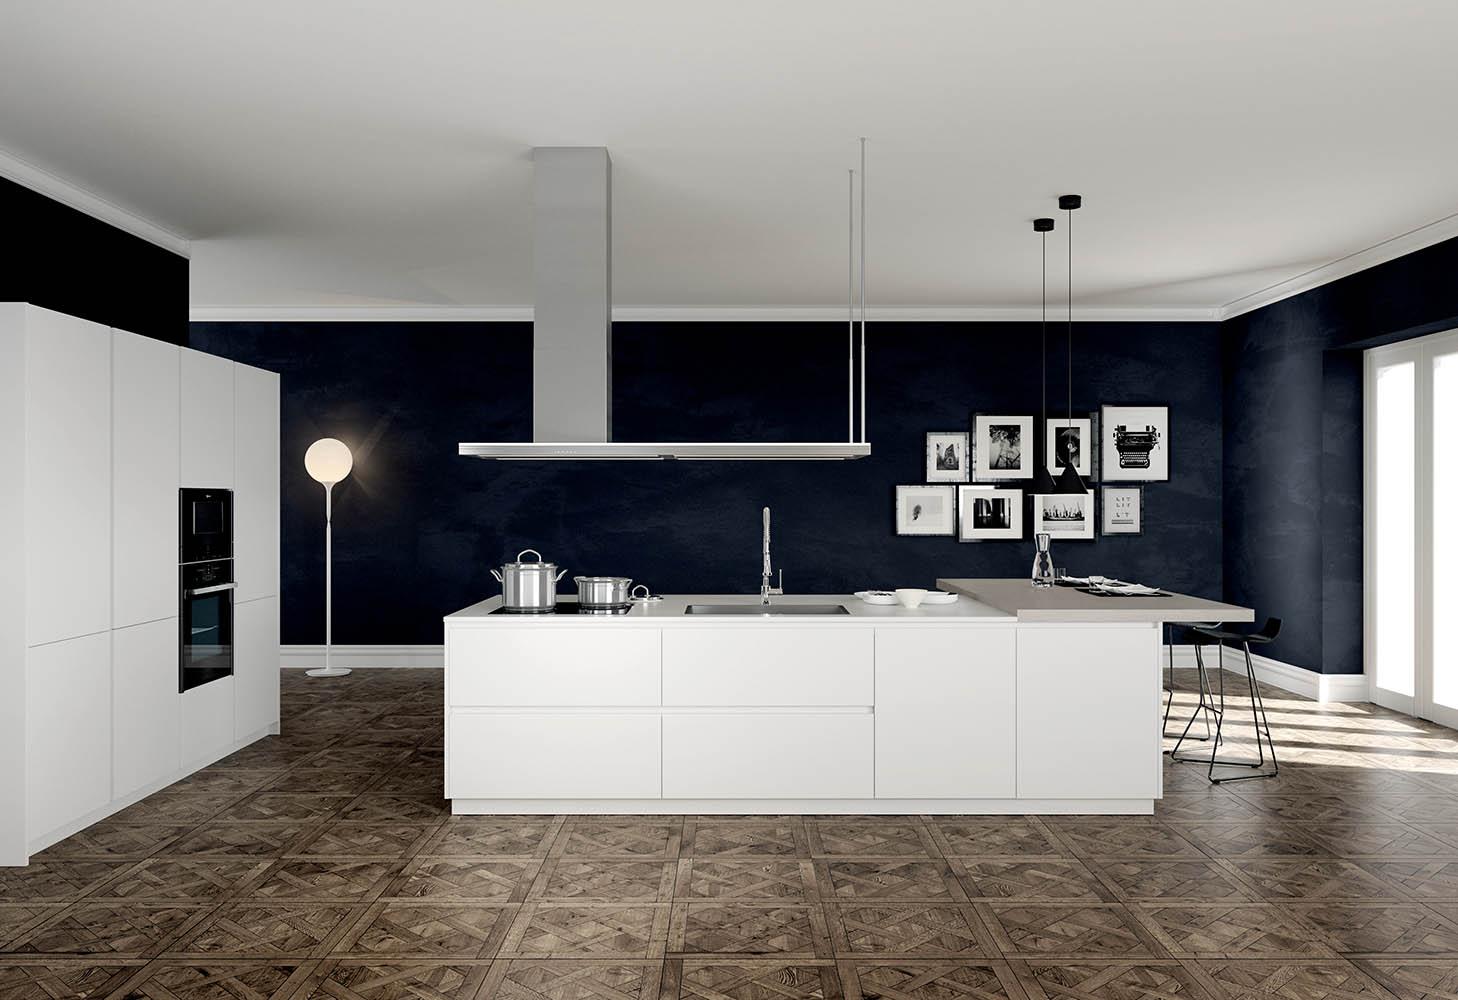 Ambientazione Cucine Moderne.Cucine Moderne Scegli Lo Stile Moderno Per La Tua Cucina